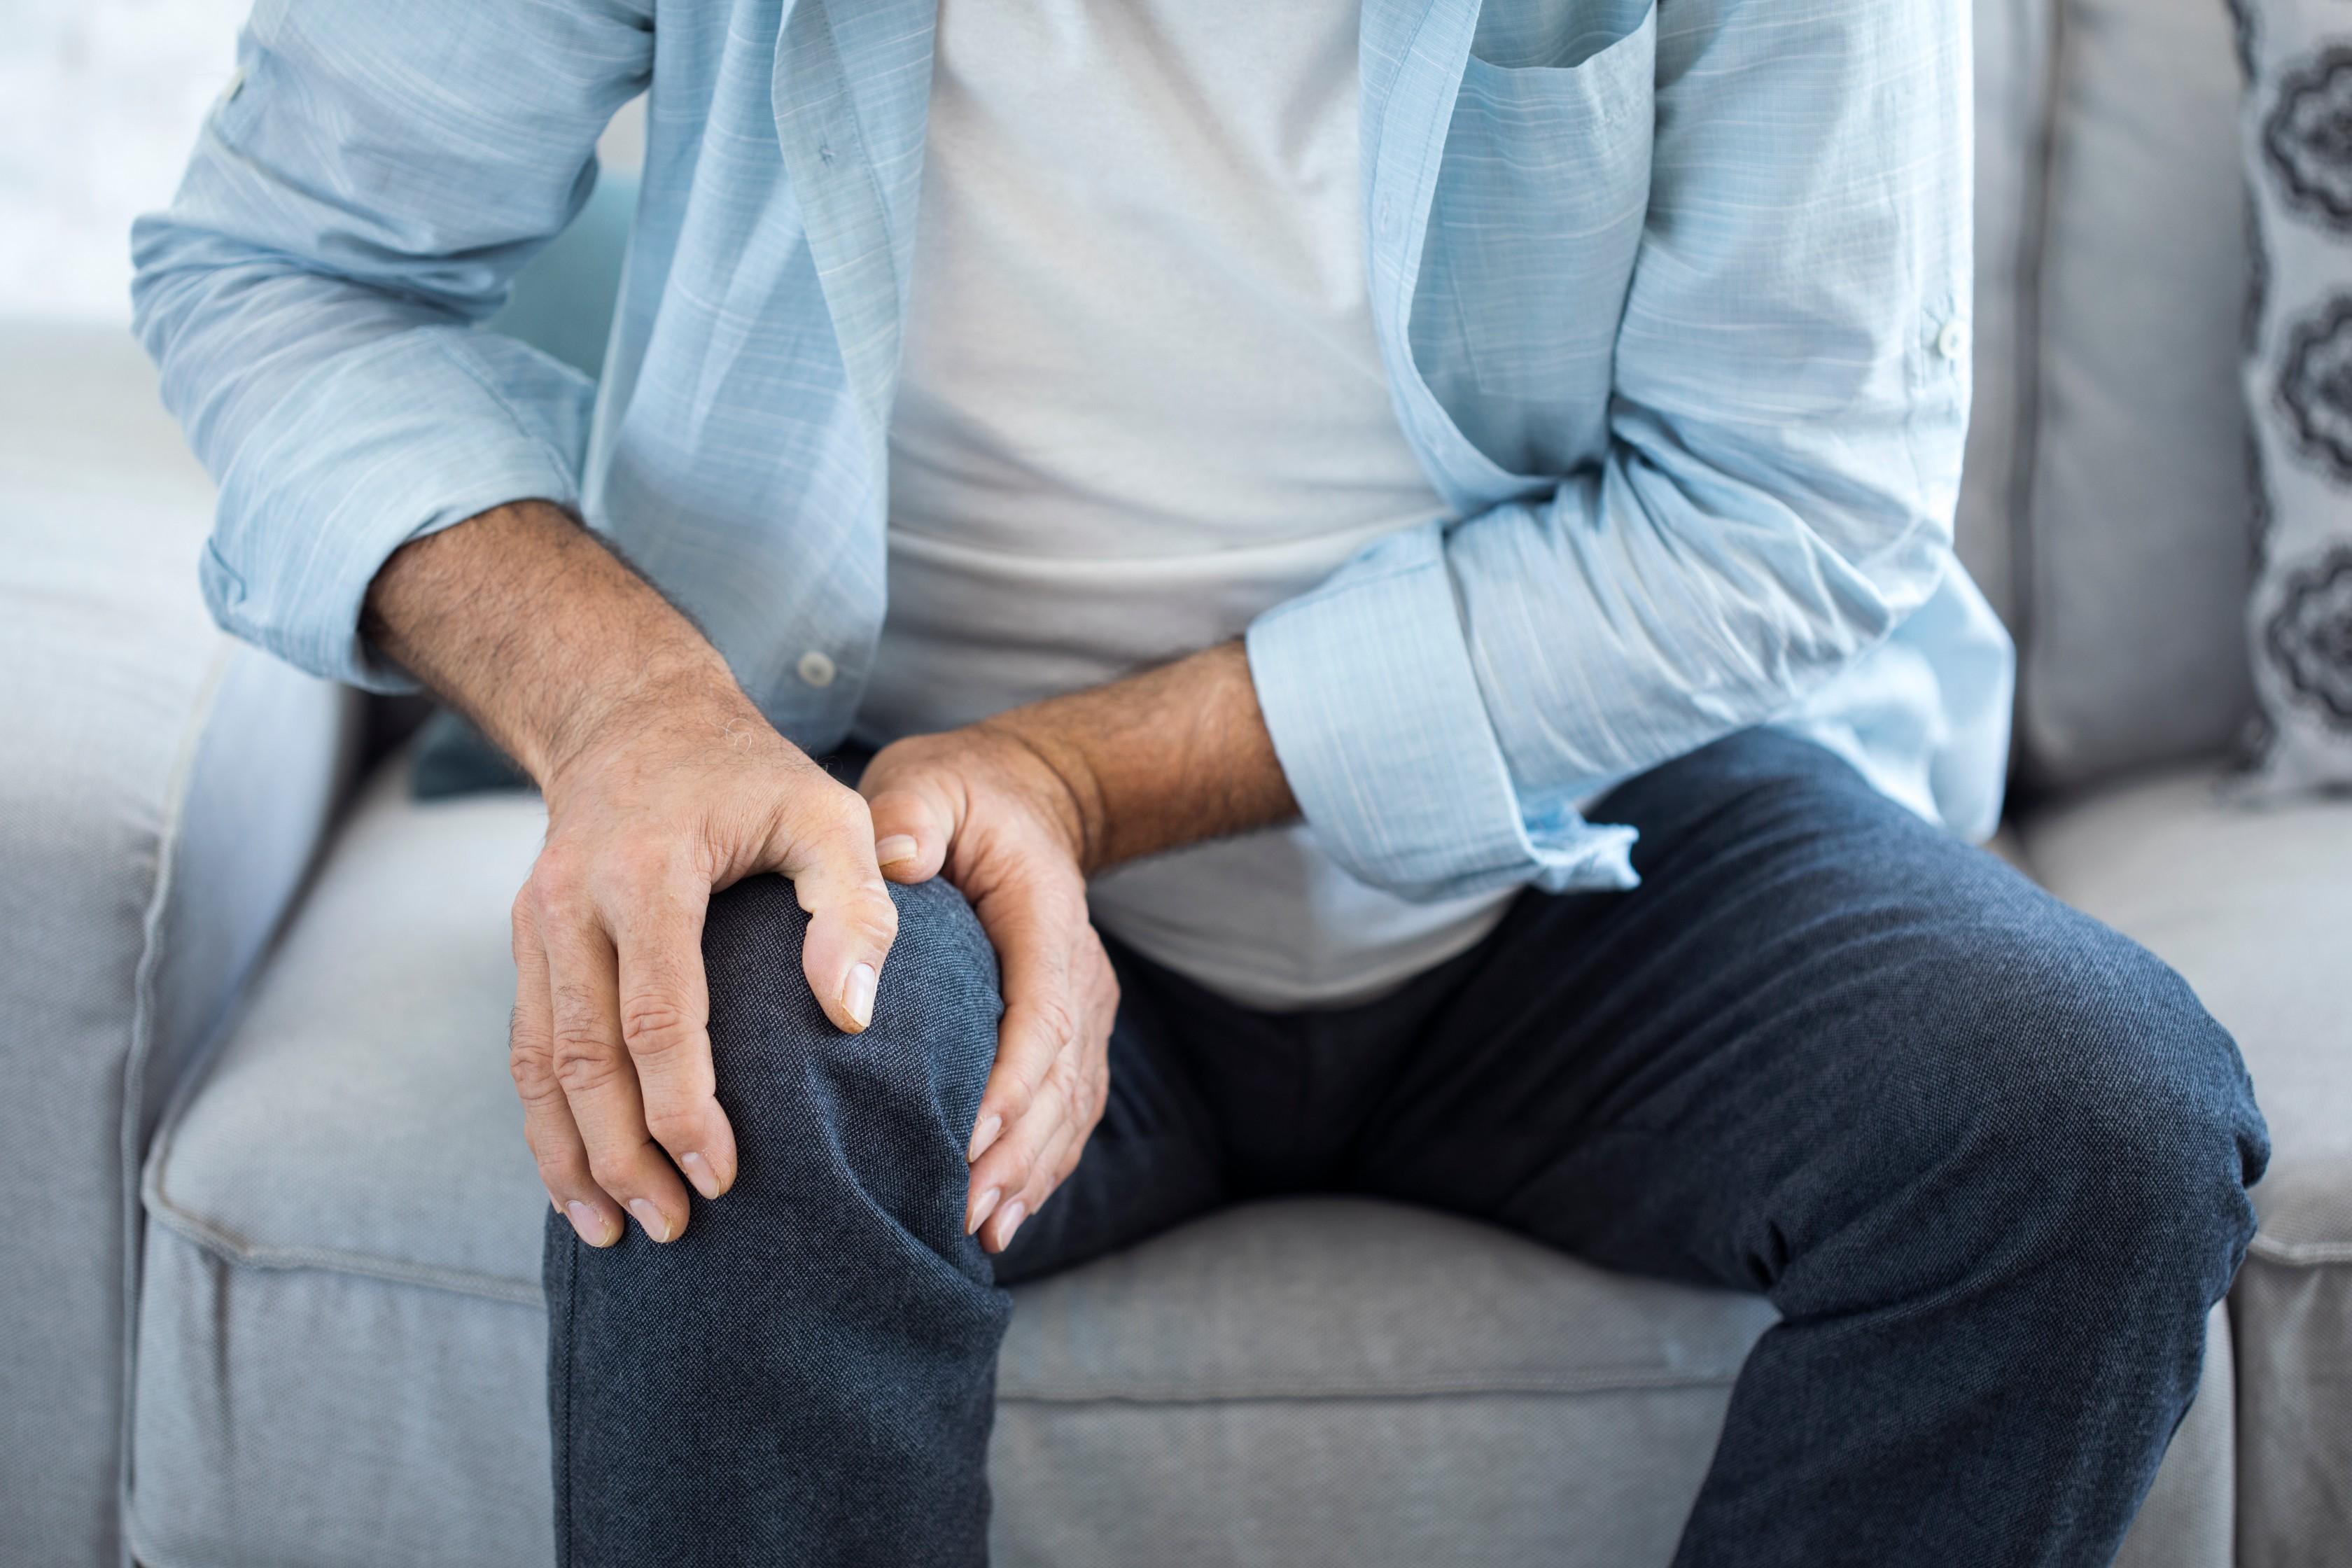 diprospan alkalmazása ízületi fájdalmak esetén térdbetegség disszertáció